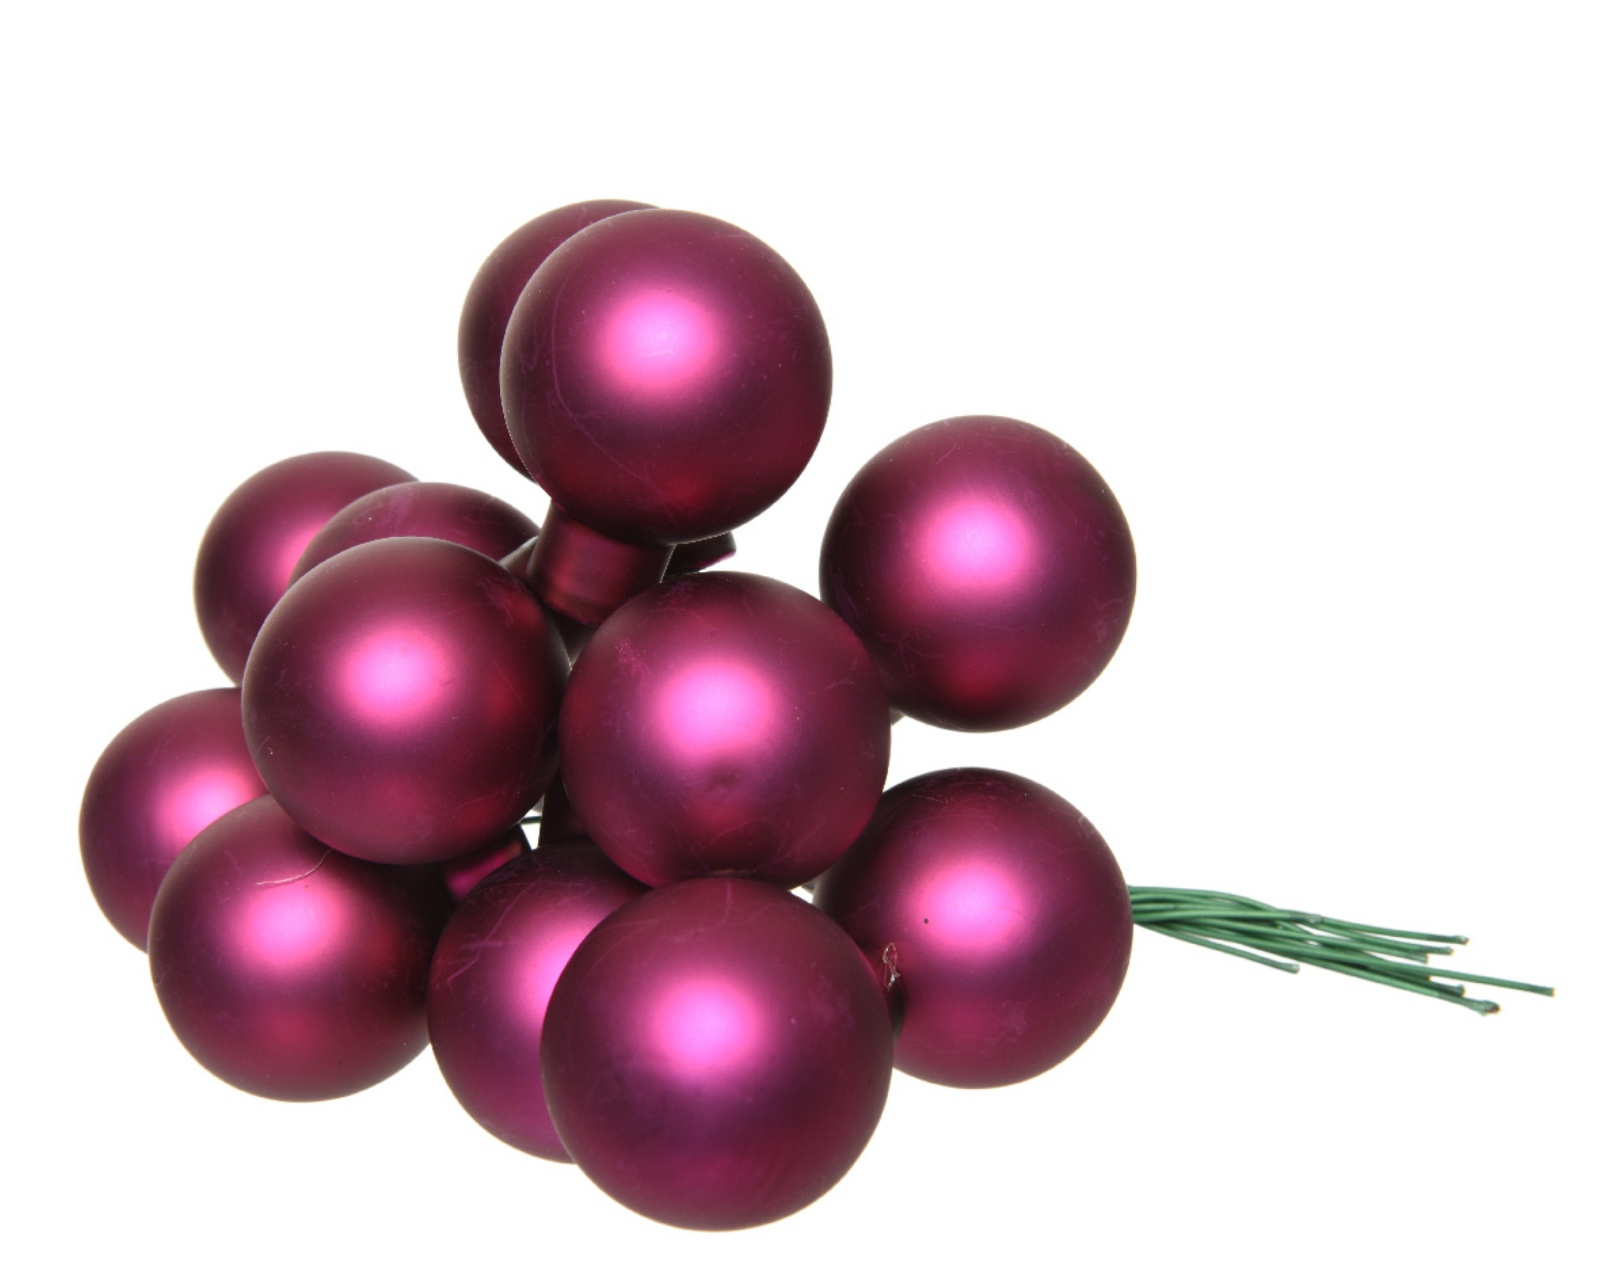 X657KI Boîte de 144 boules en verre magnolia D20mm